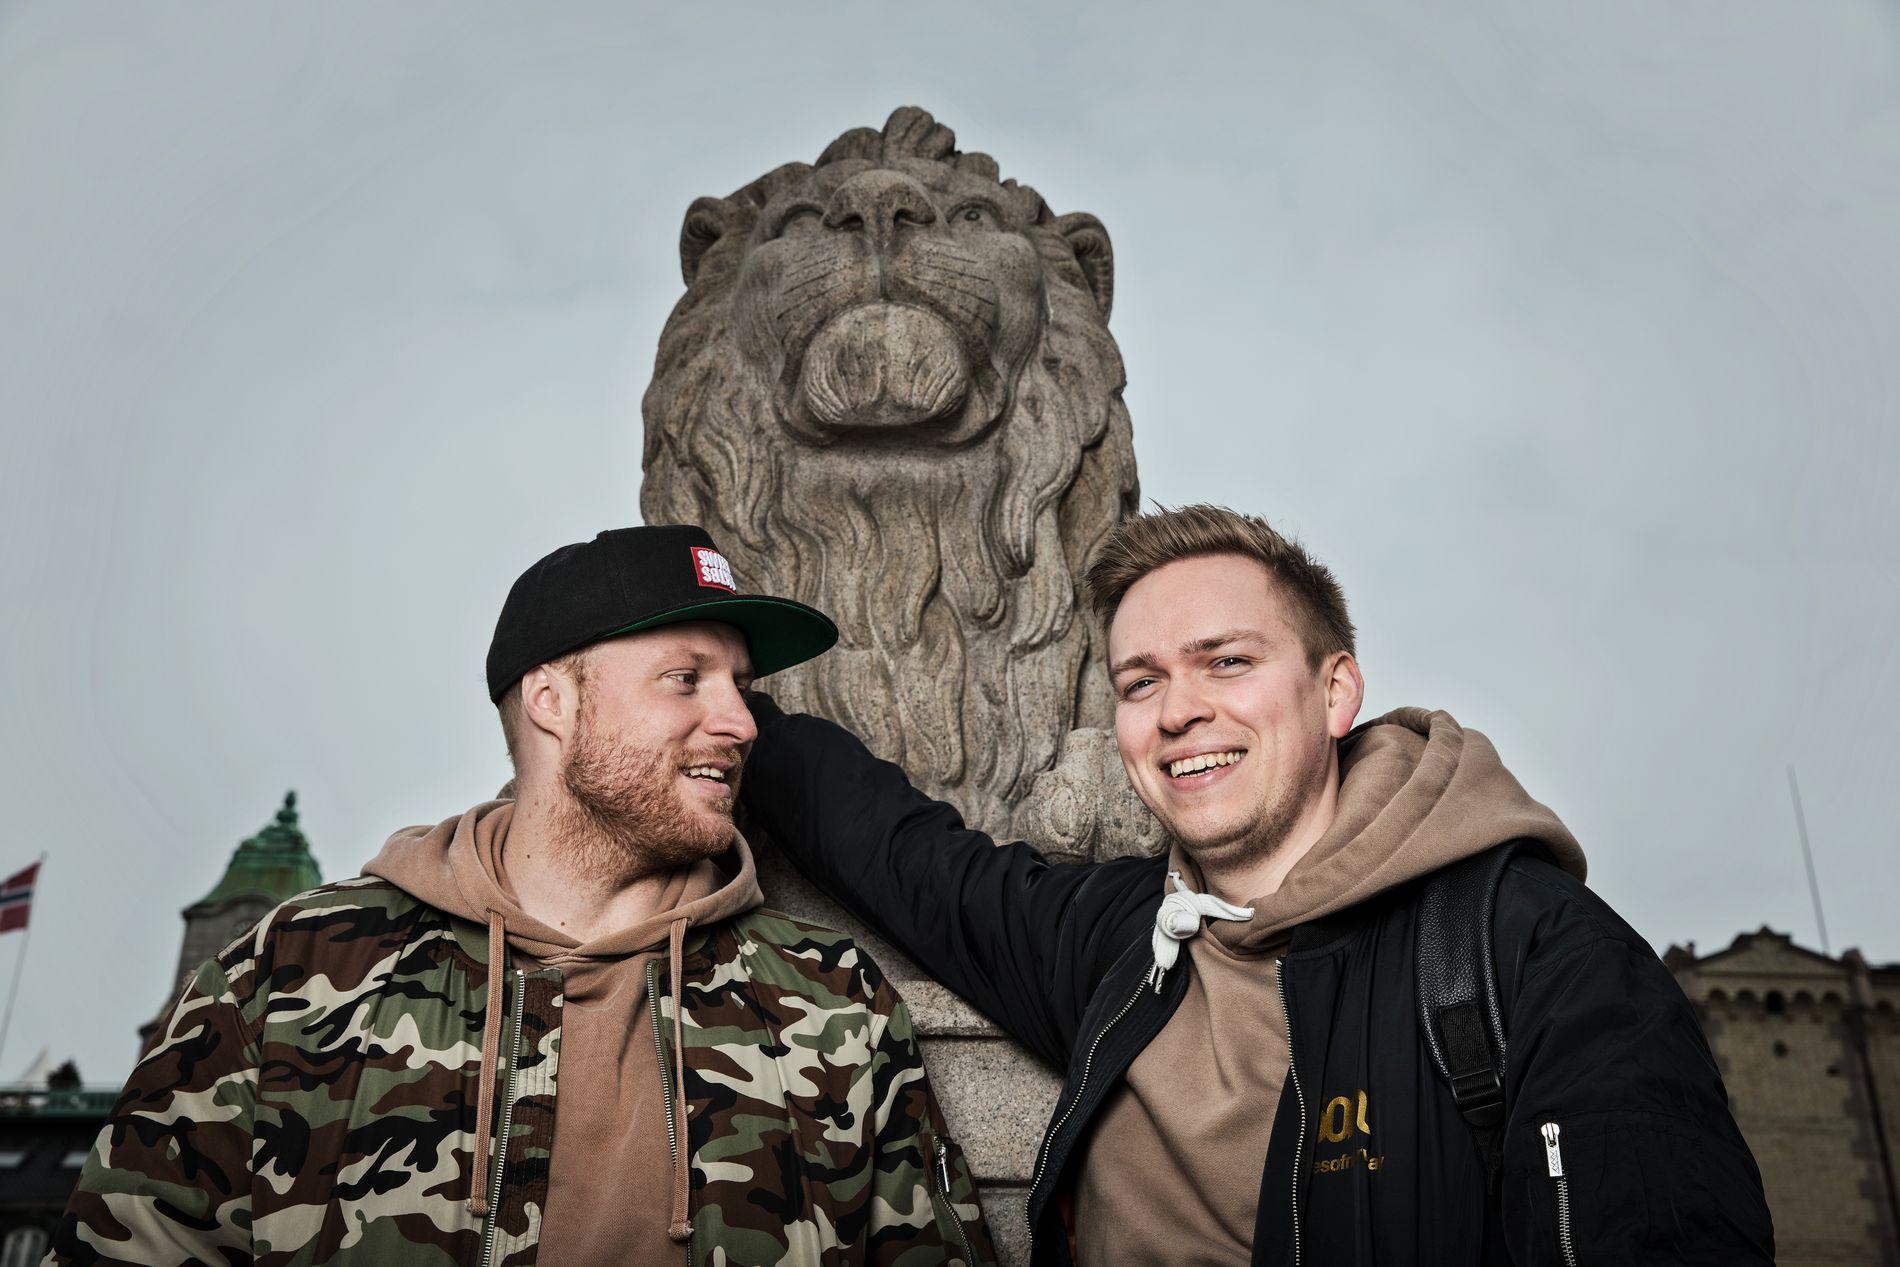 VG-LISTA KLARE: Joakim With Steen og Aleksander Walmann i Jowst kommer til Rådhusplassen 24.juni